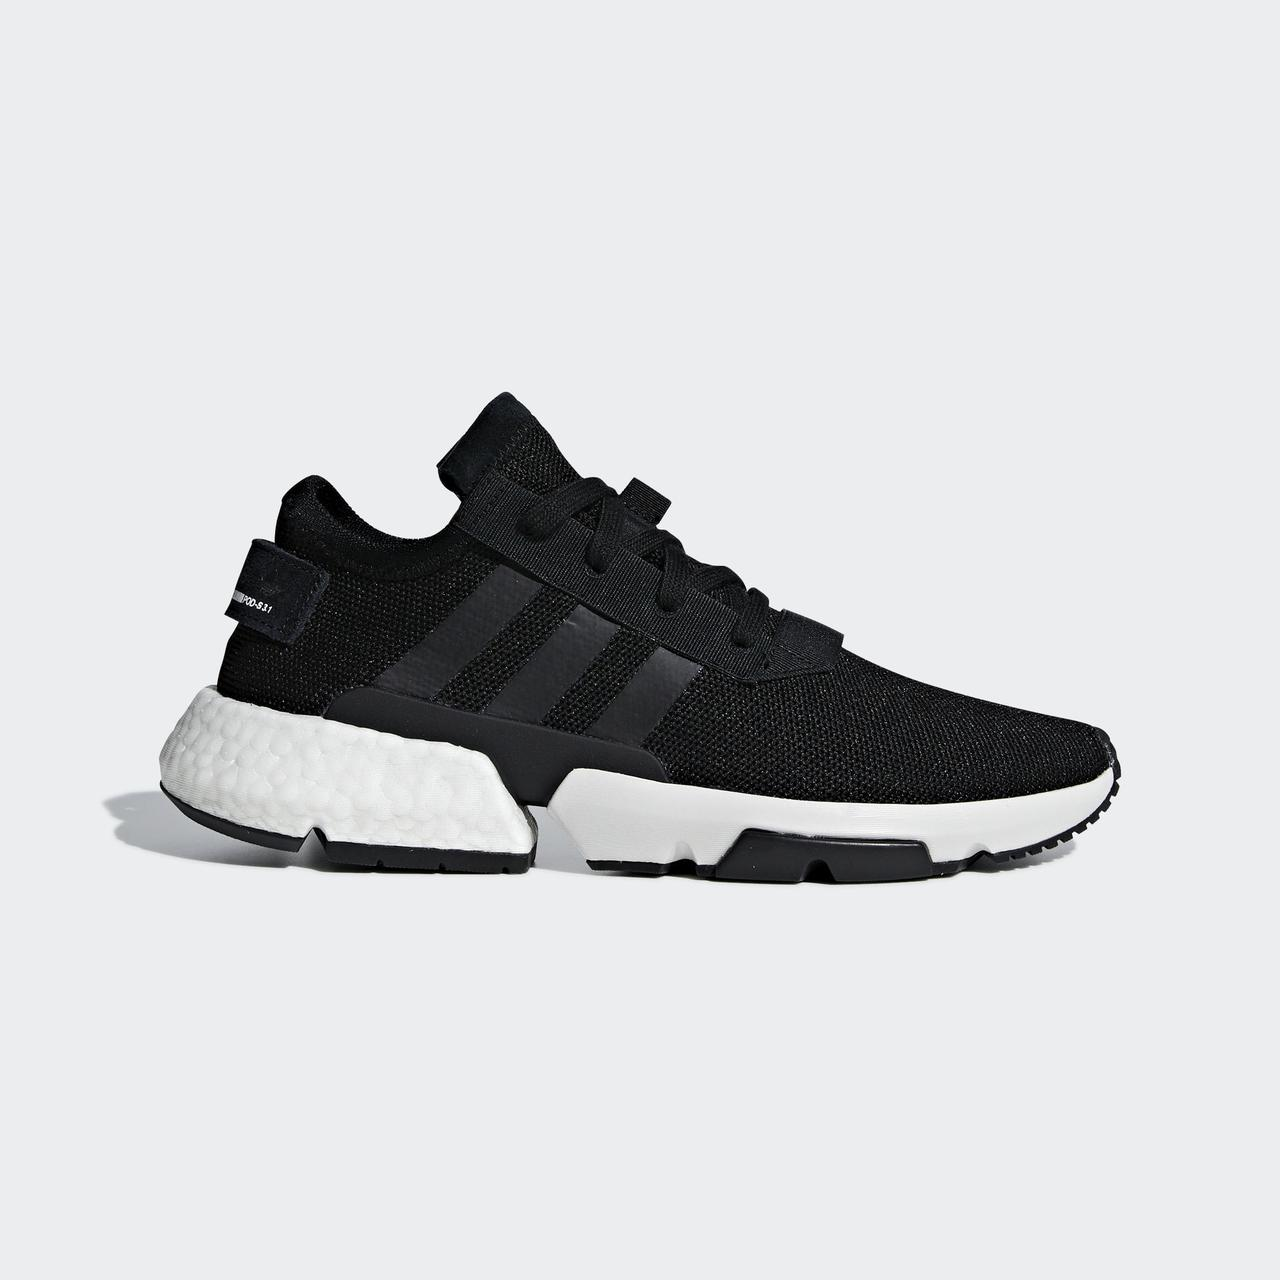 52bdd7d0 Купить Мужские кроссовки Adidas Originals Pod-S3.1 (Артикул: B37366 ...